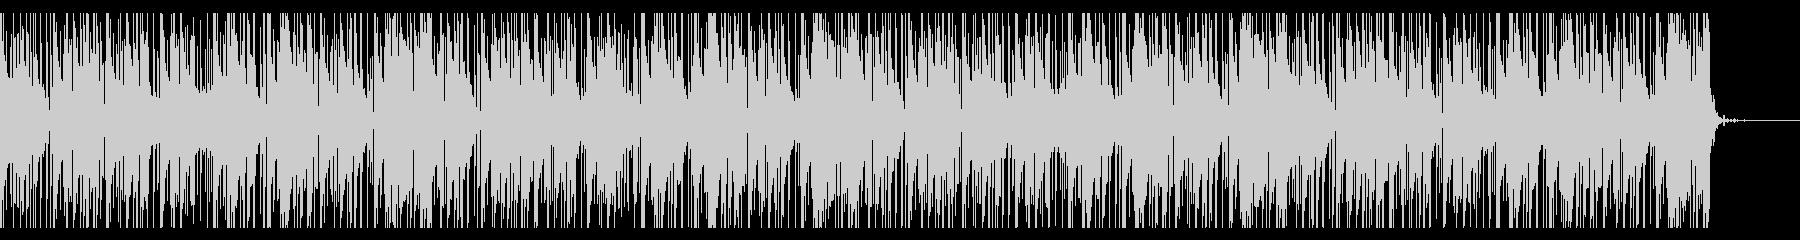 怪しげなTrap風BGMの未再生の波形